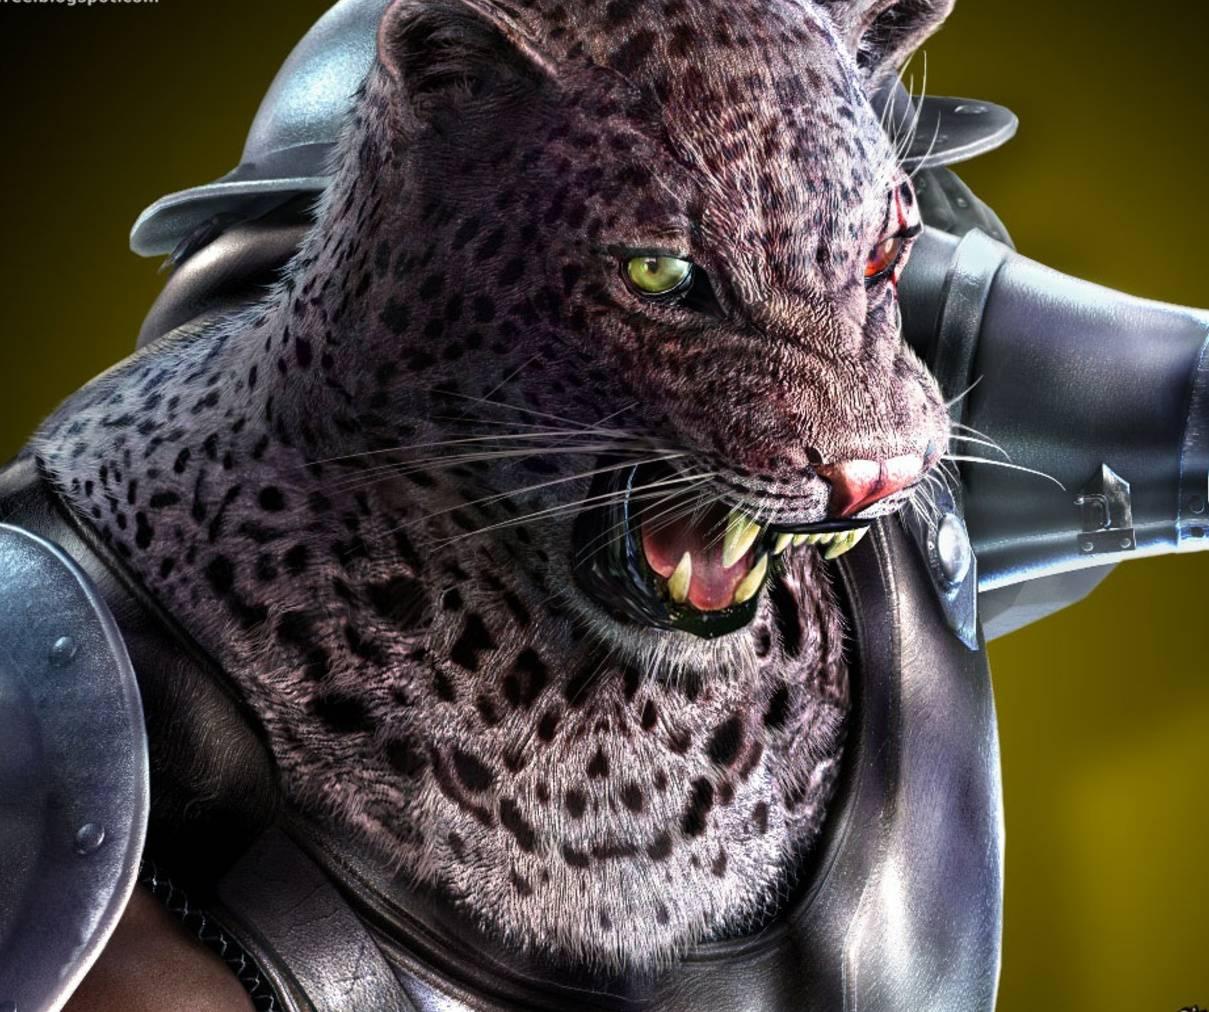 Tekken - Armor King